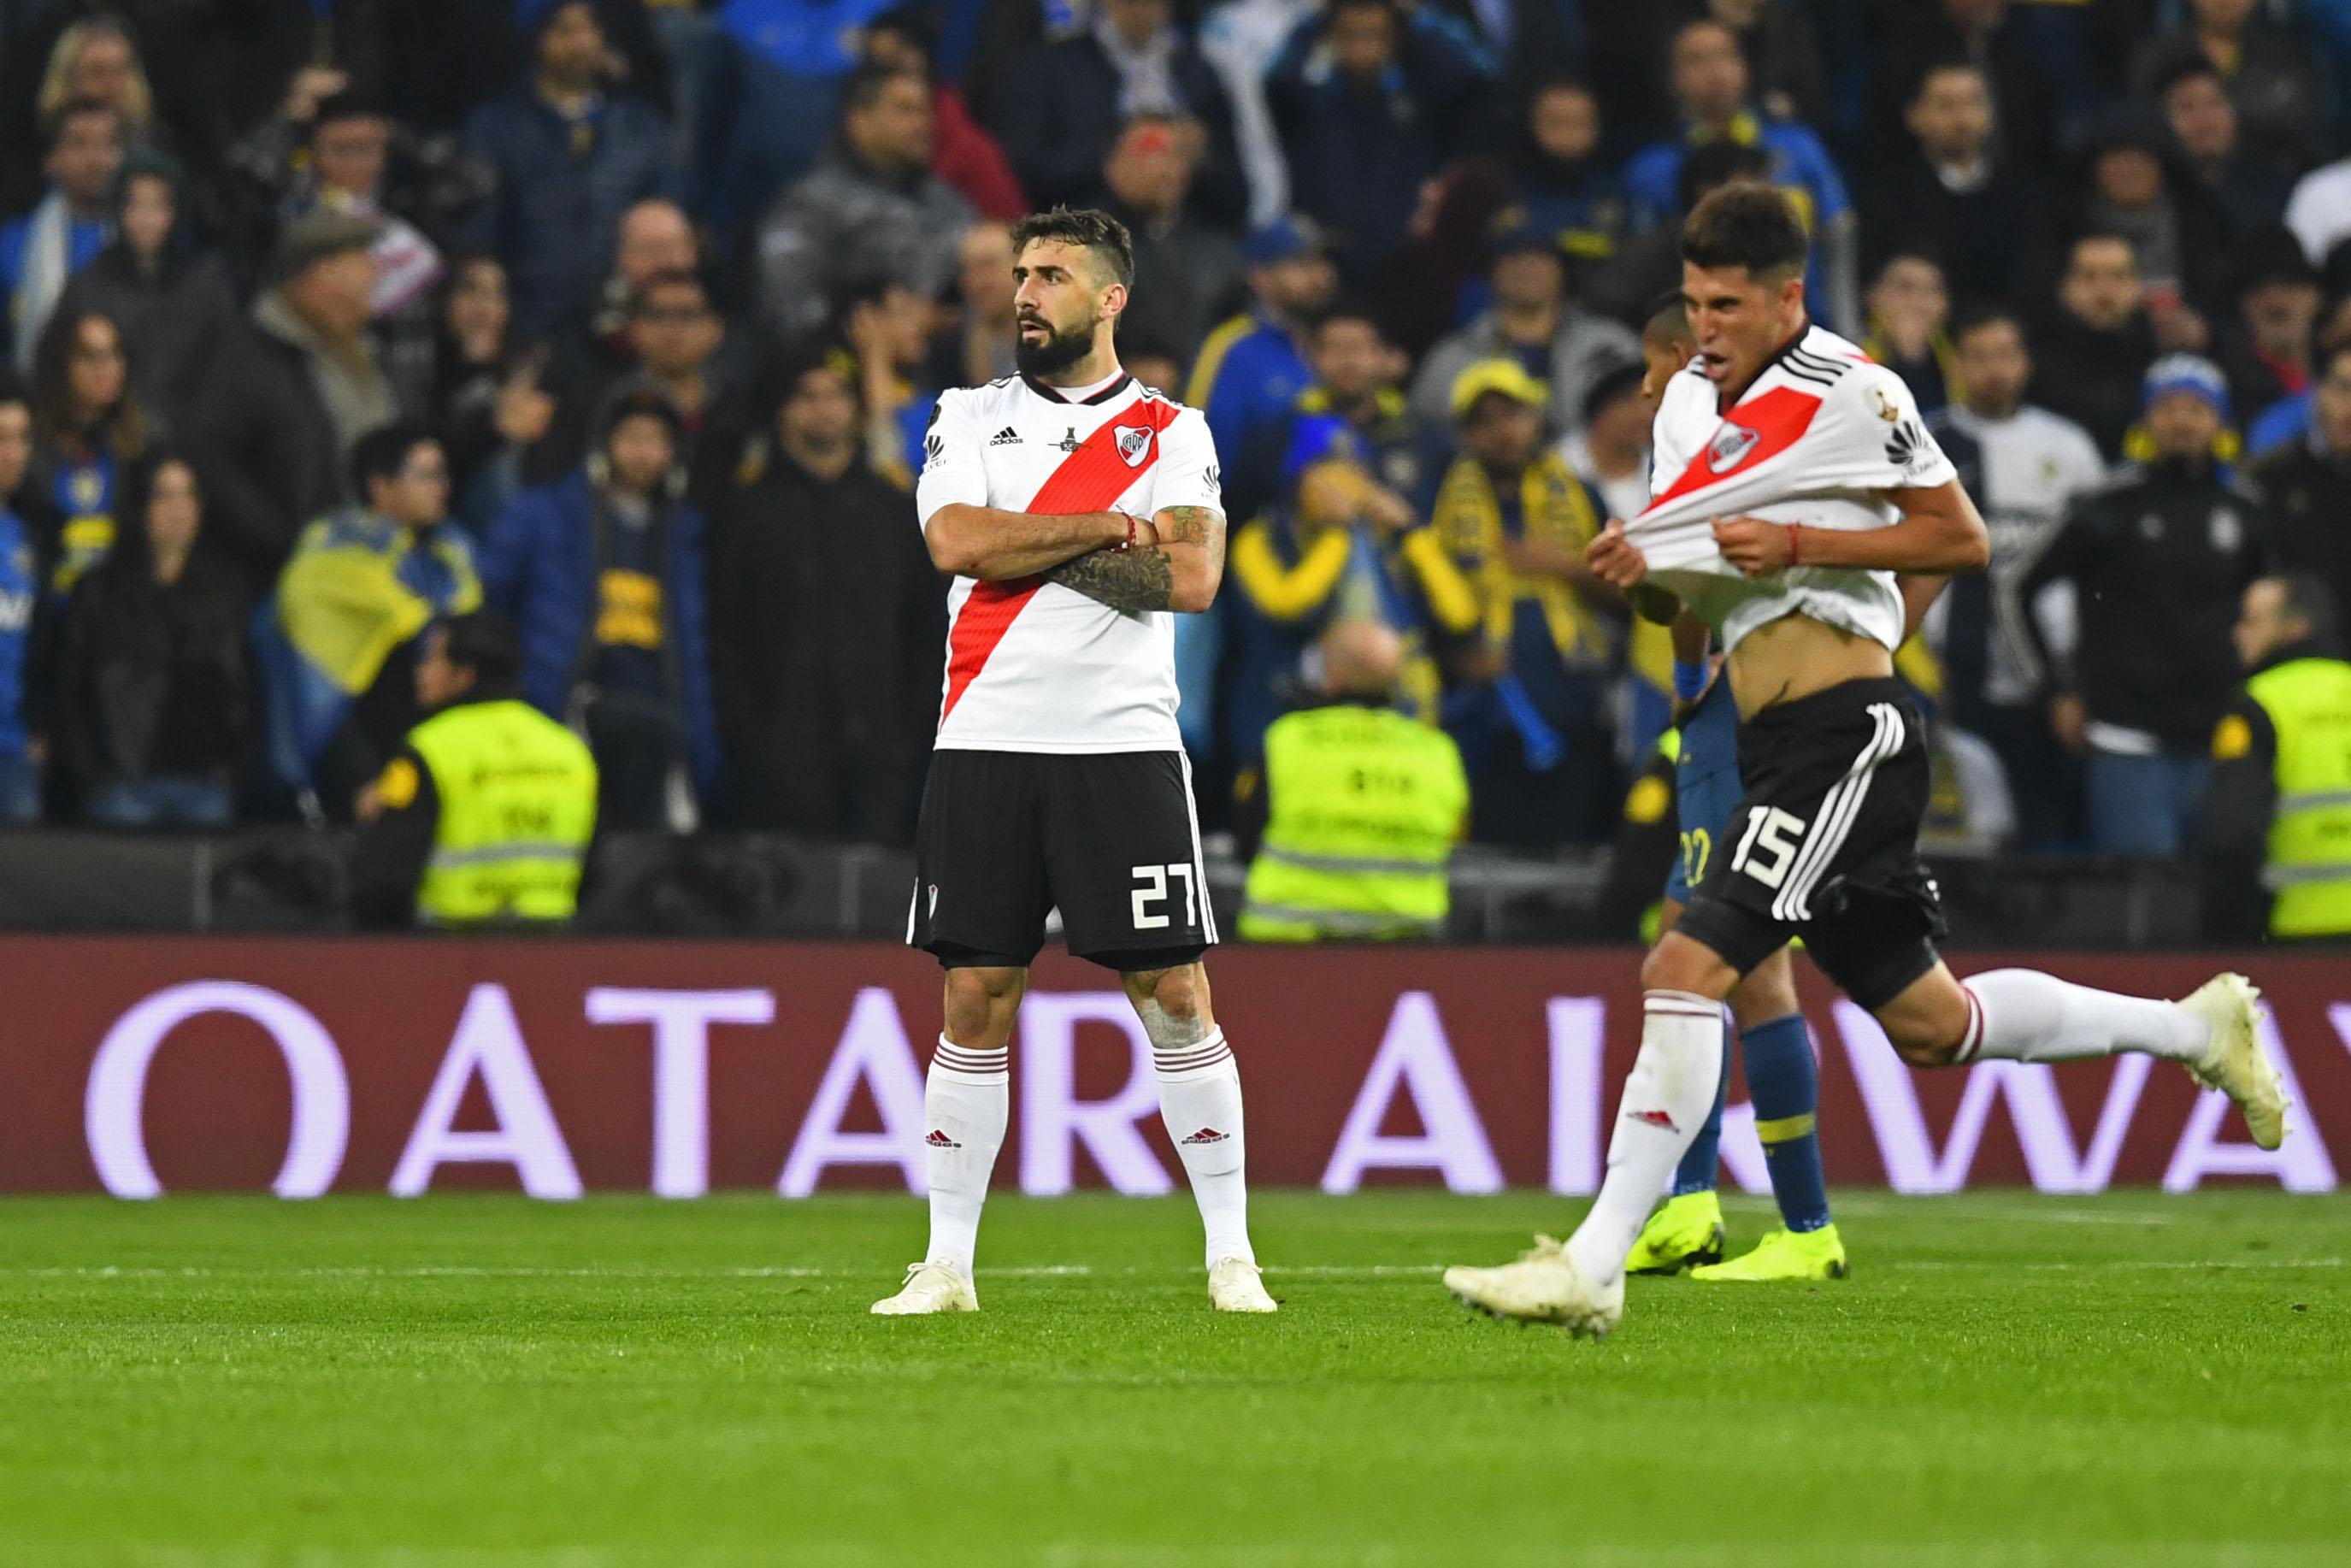 Lucas Pratto esulta al gol del momentaneo 1-1 del River Plate nella finale di Copa Libertadores giocata al Santiago Bernabeu di Madrid. Foto: Gabriel Bouys / Getty Images.